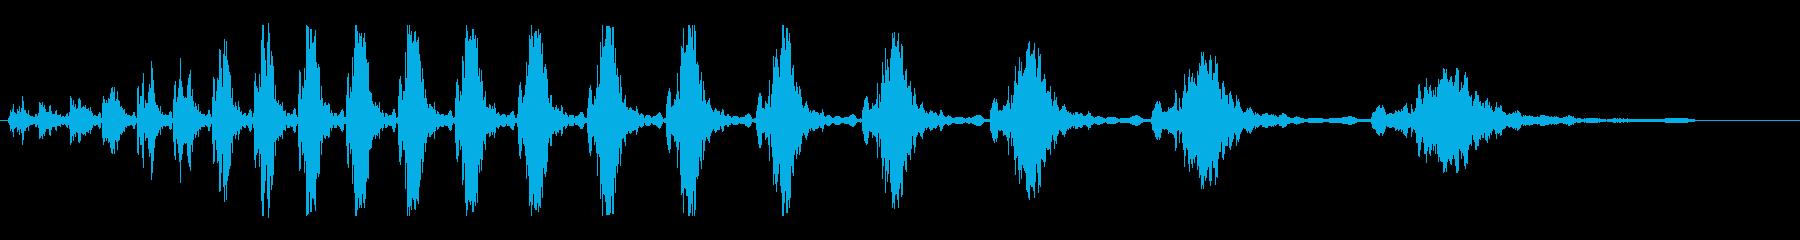 ブルブルシュッシュッシュの再生済みの波形